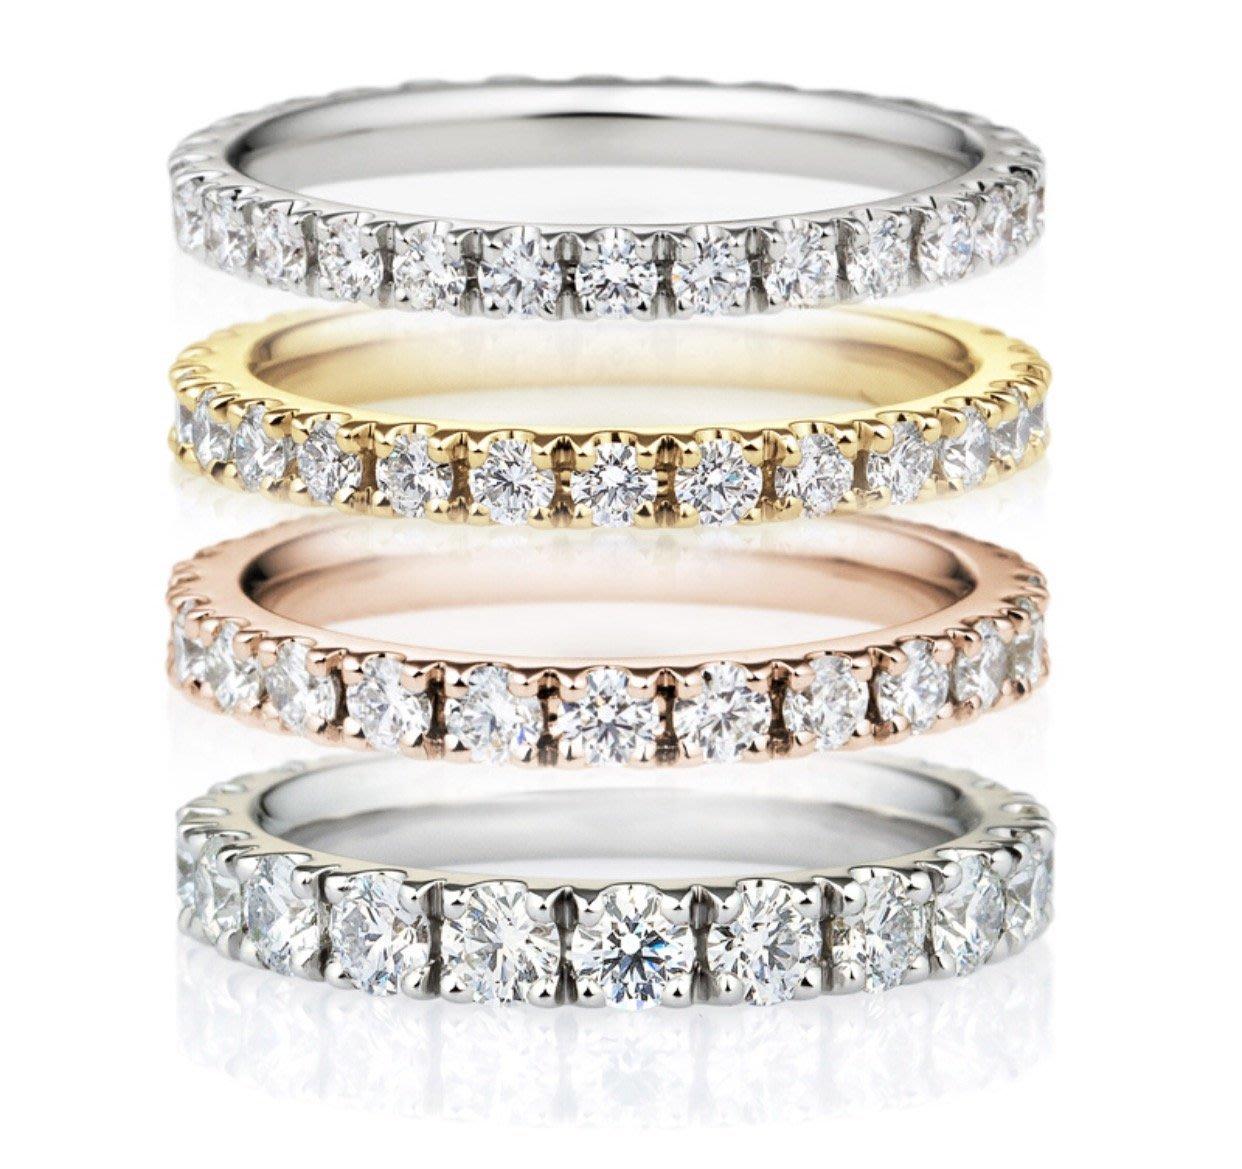 [永恆系列]18k黄金滿圈裙鑲鑽石戒指 白金玫瑰金訂製 tiffany agete I-Primo VA 送女友